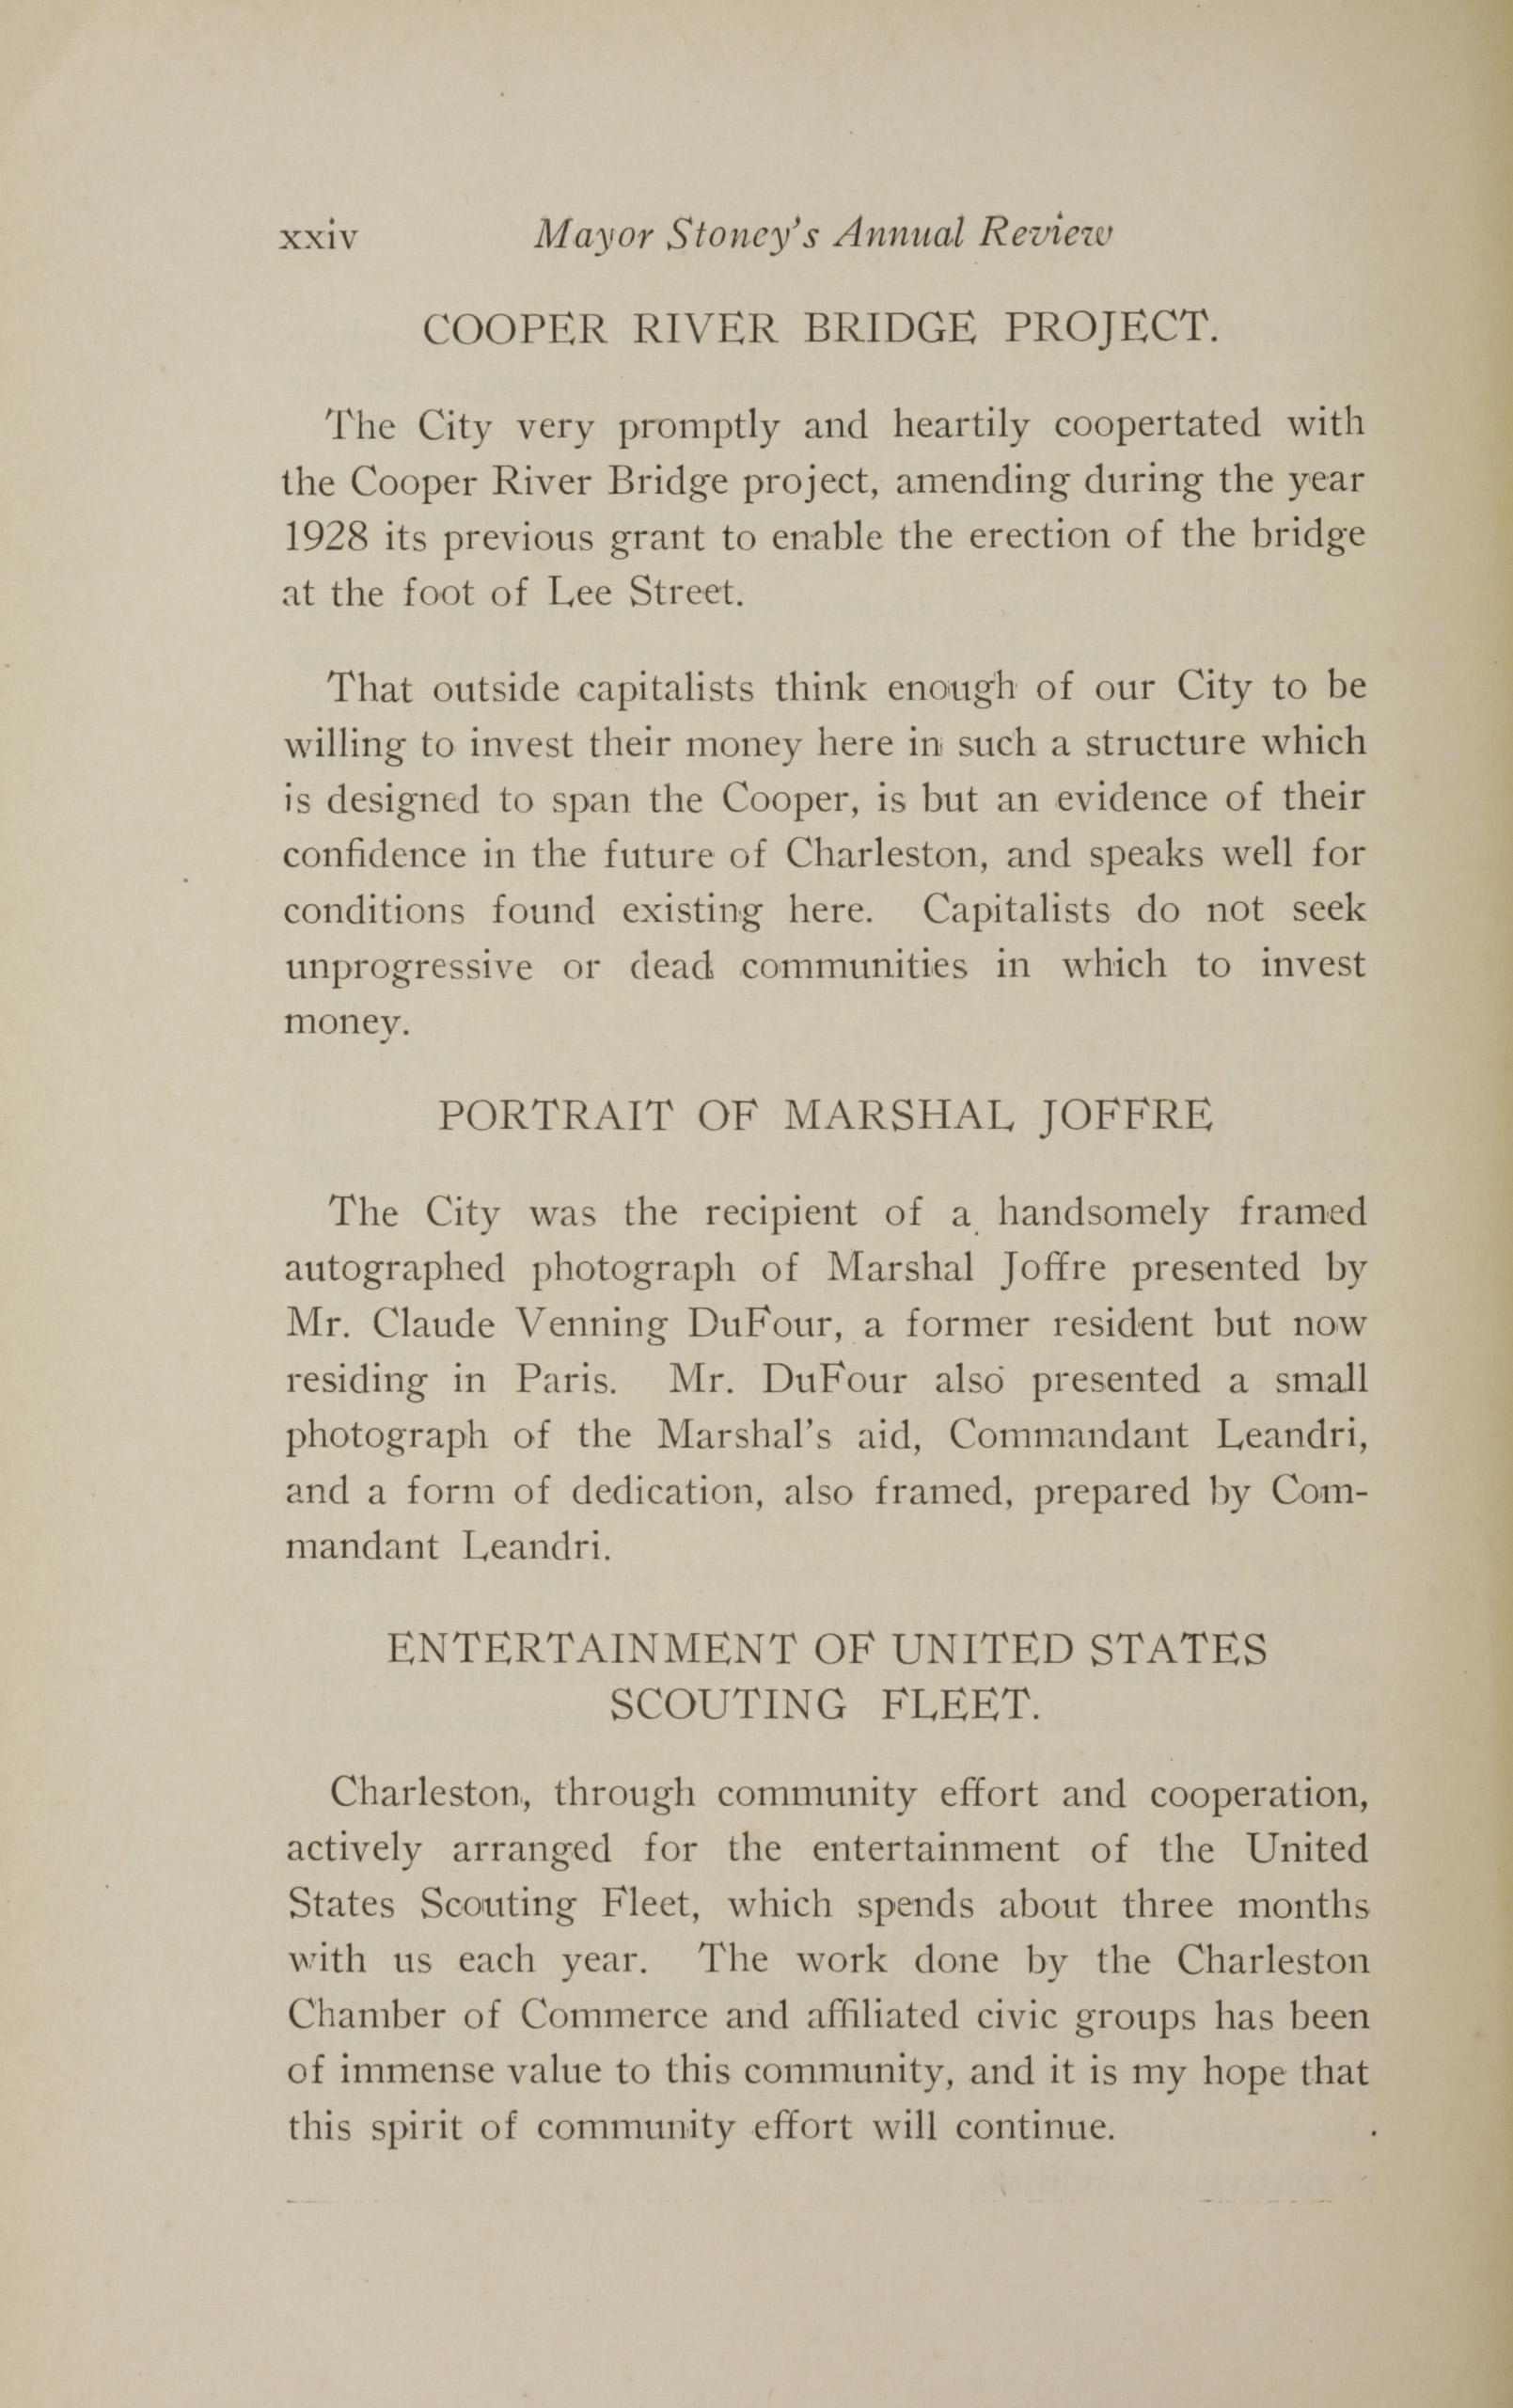 Charleston Yearbook, 1928, page xxiv